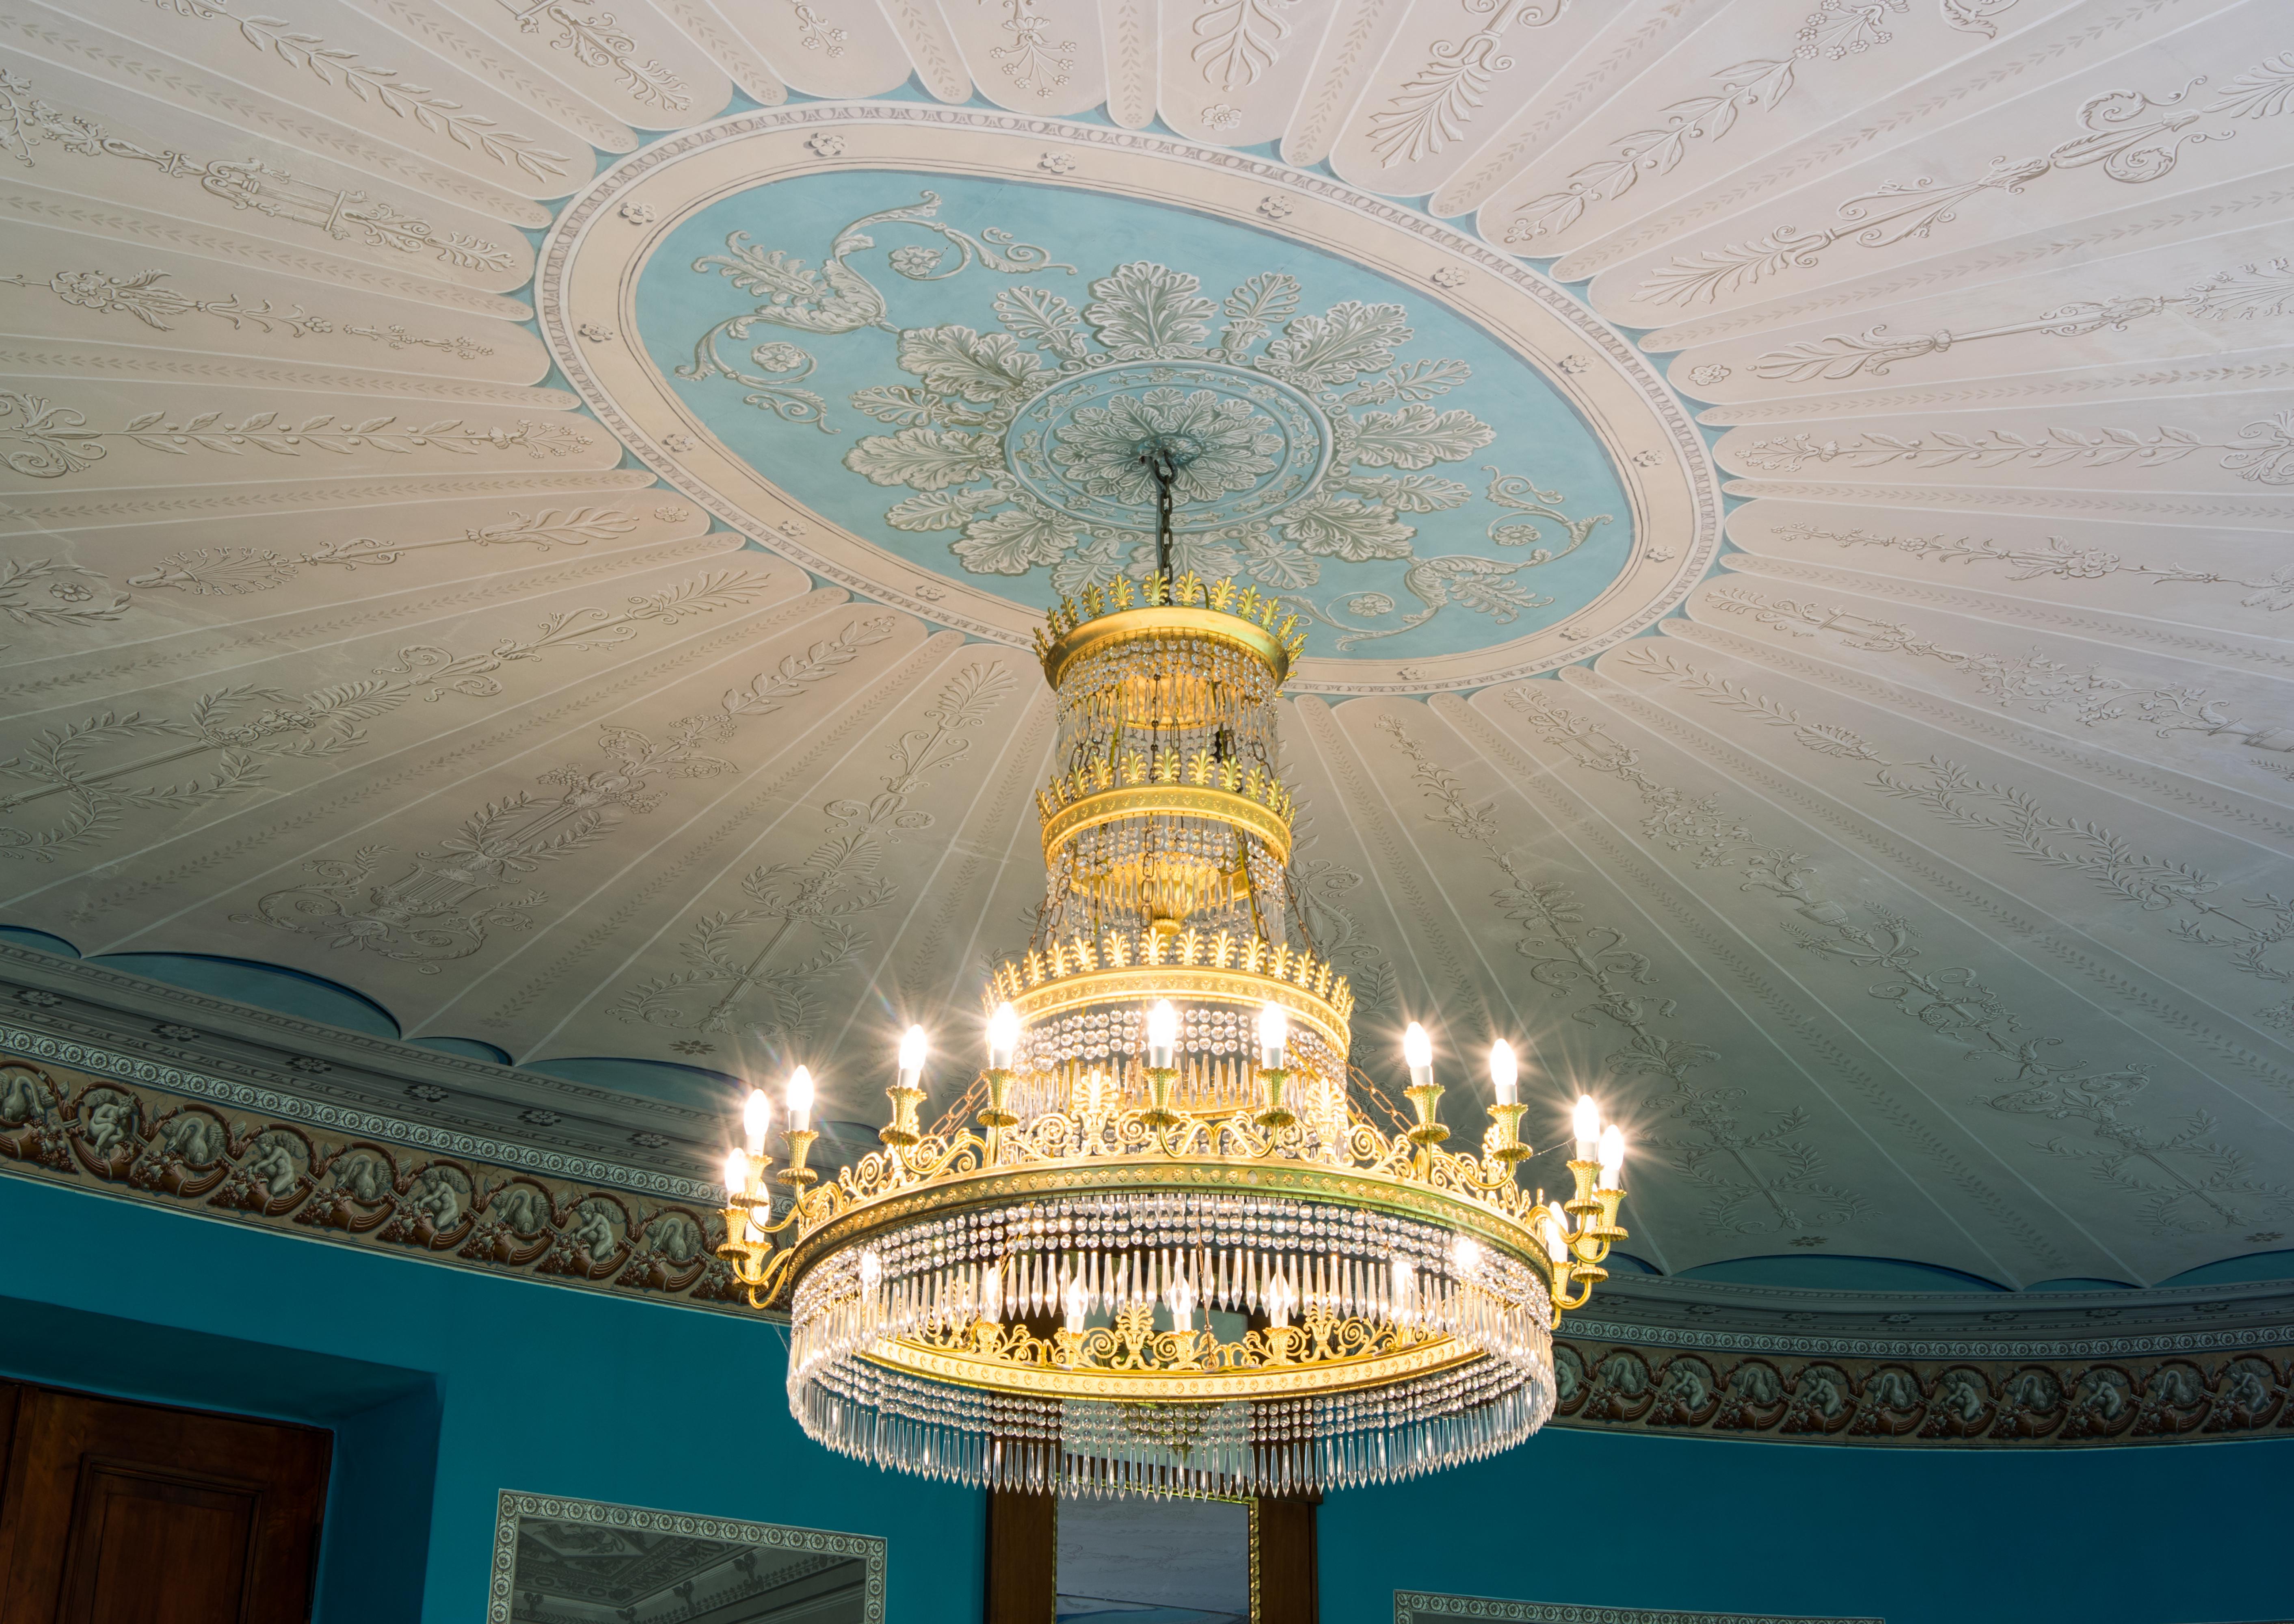 Kronleuchter Für Saal ~ File doberan großes palais ovaler saal kronleuchter und decke